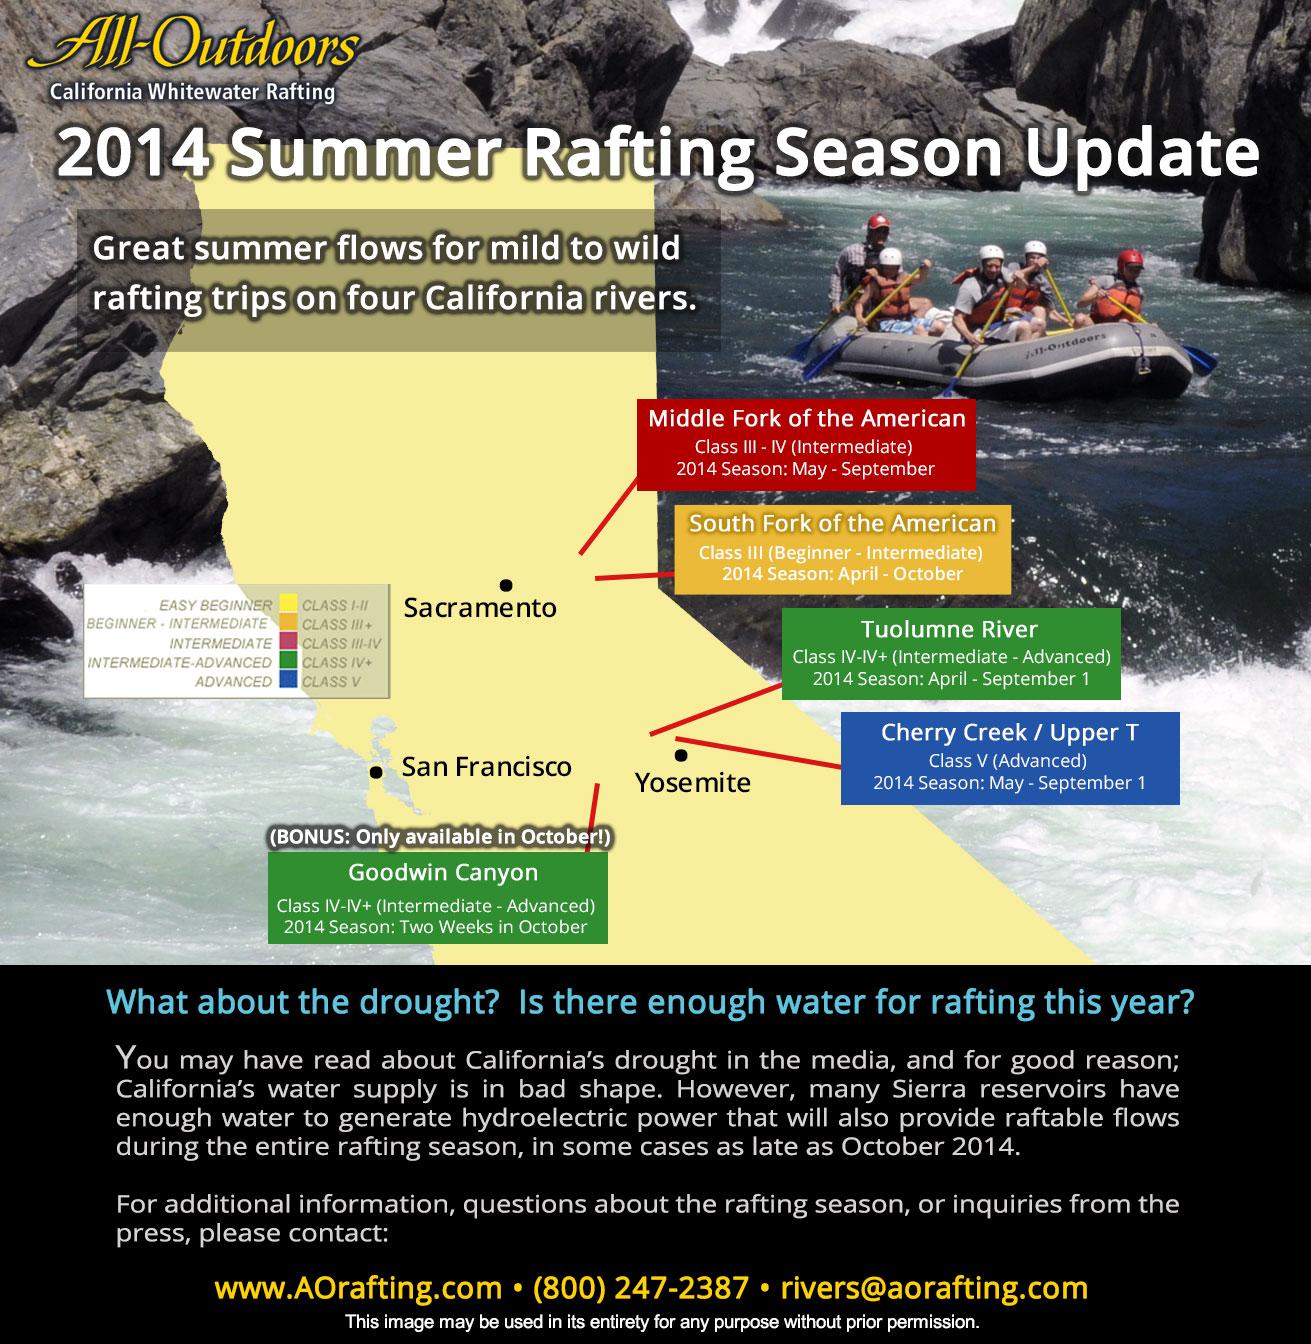 White Water Rafting California Map.2014 California Summer Rafting Season Update Here S Where We Re